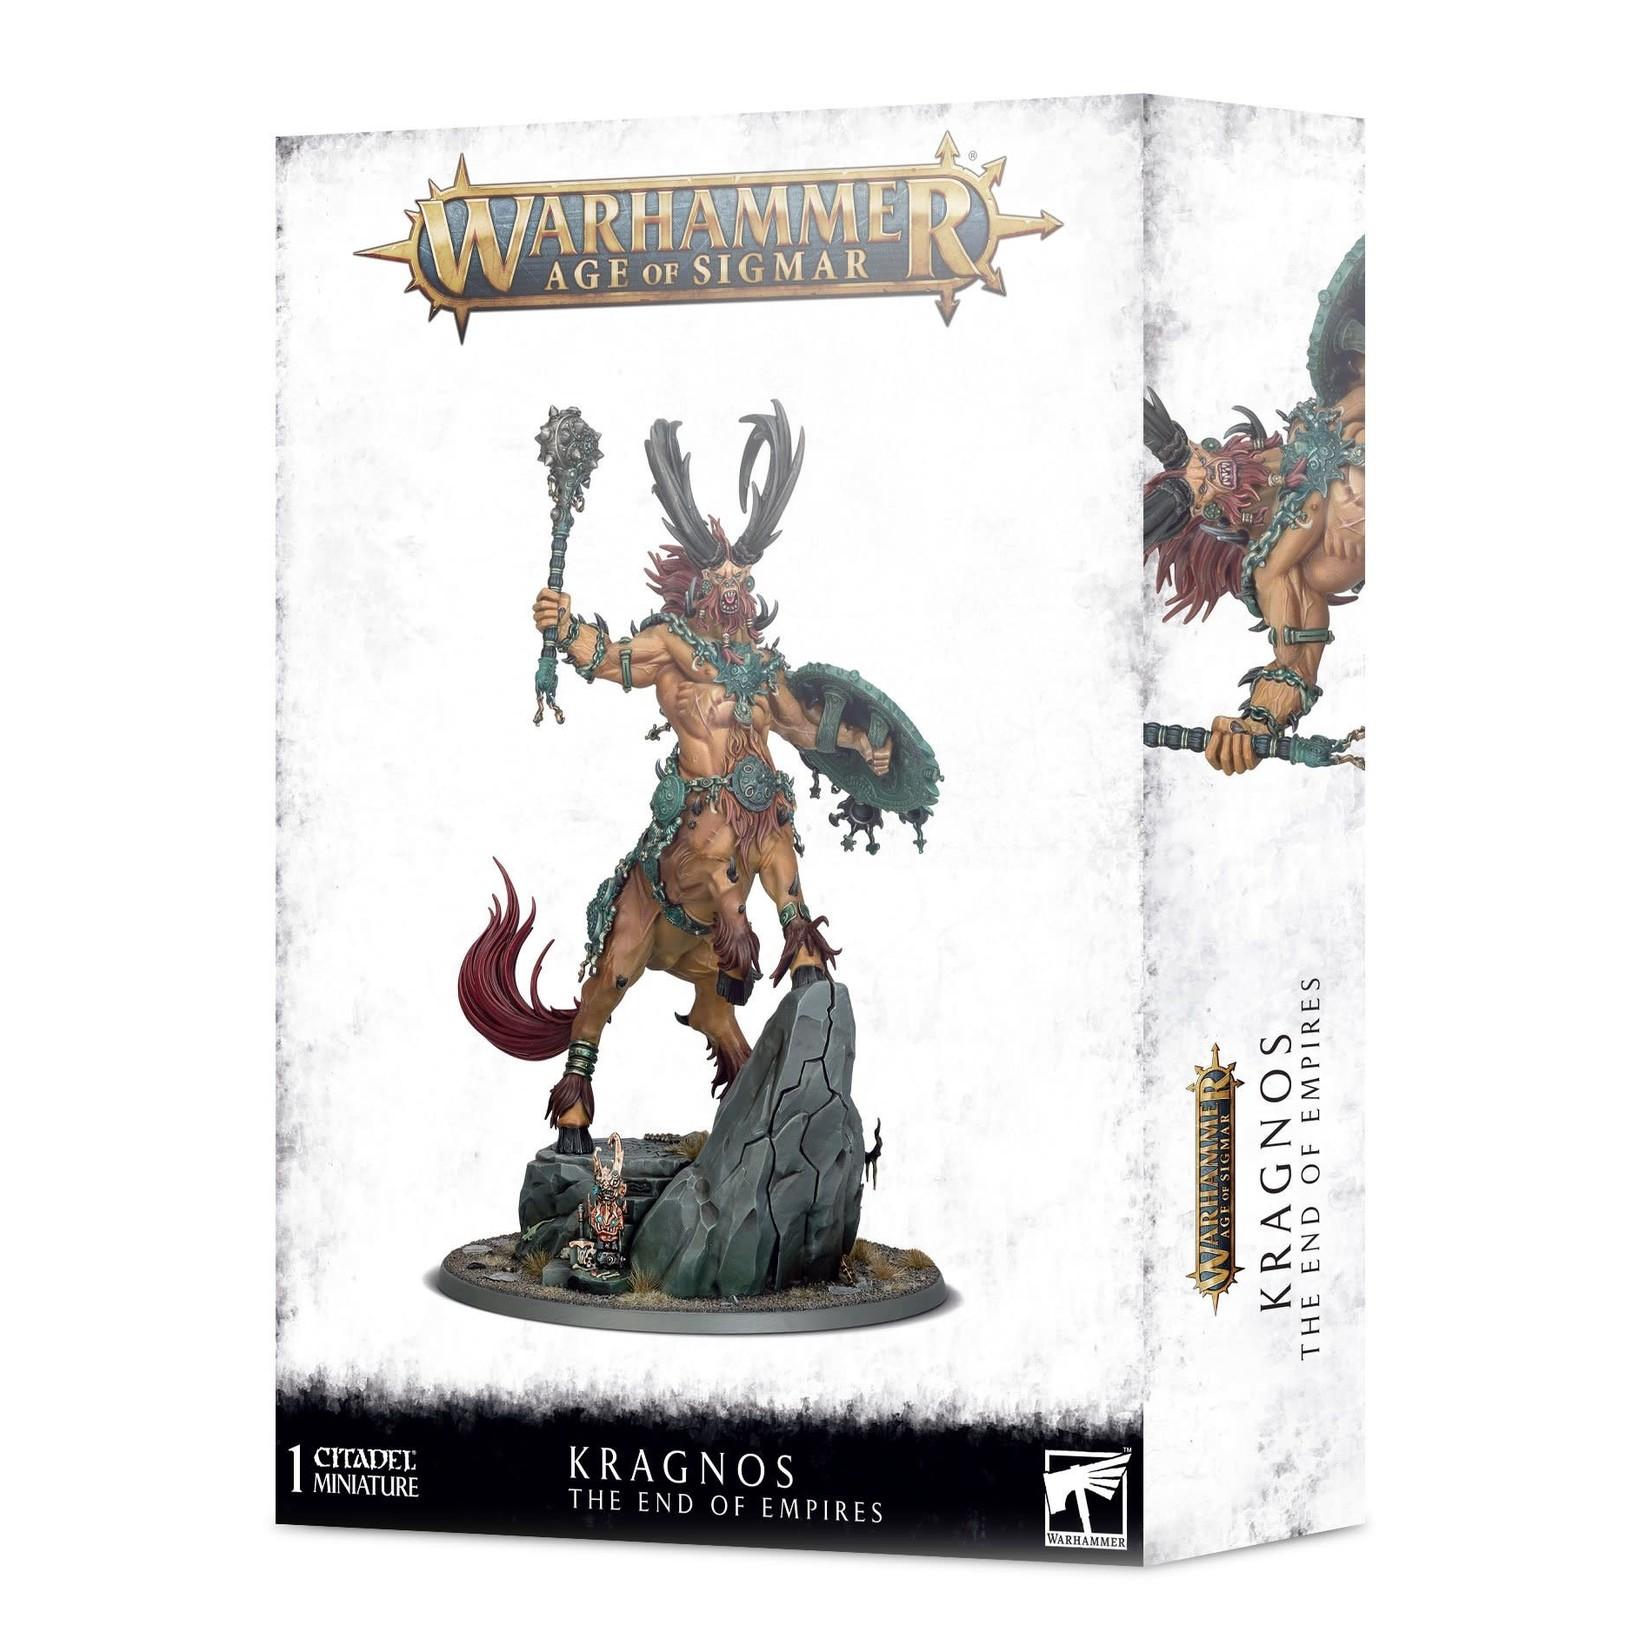 Games Workshop Warhammer Age of Sigmar: Kragnos The End of Empires